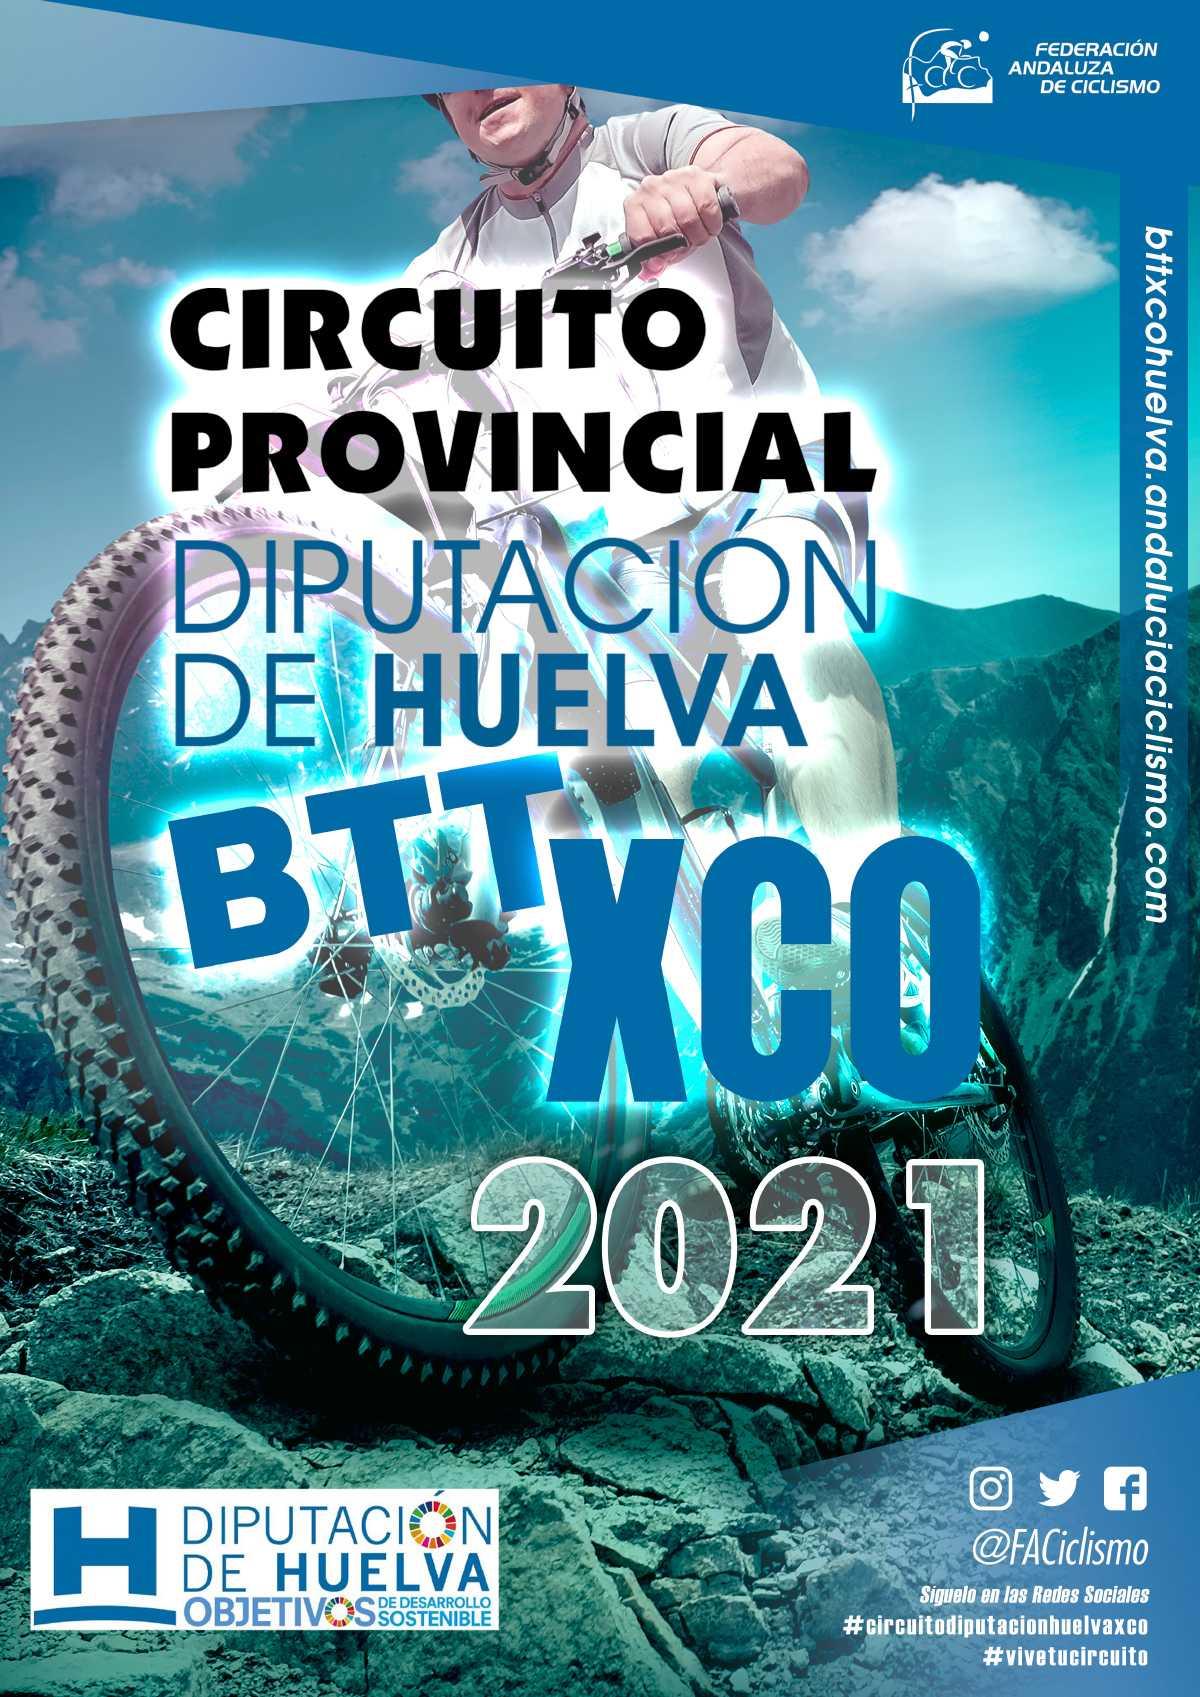 El Circuito Diputación de Huelva de BTT XCO entrará de nuevo en acción con el III Rally XCO Alfayat